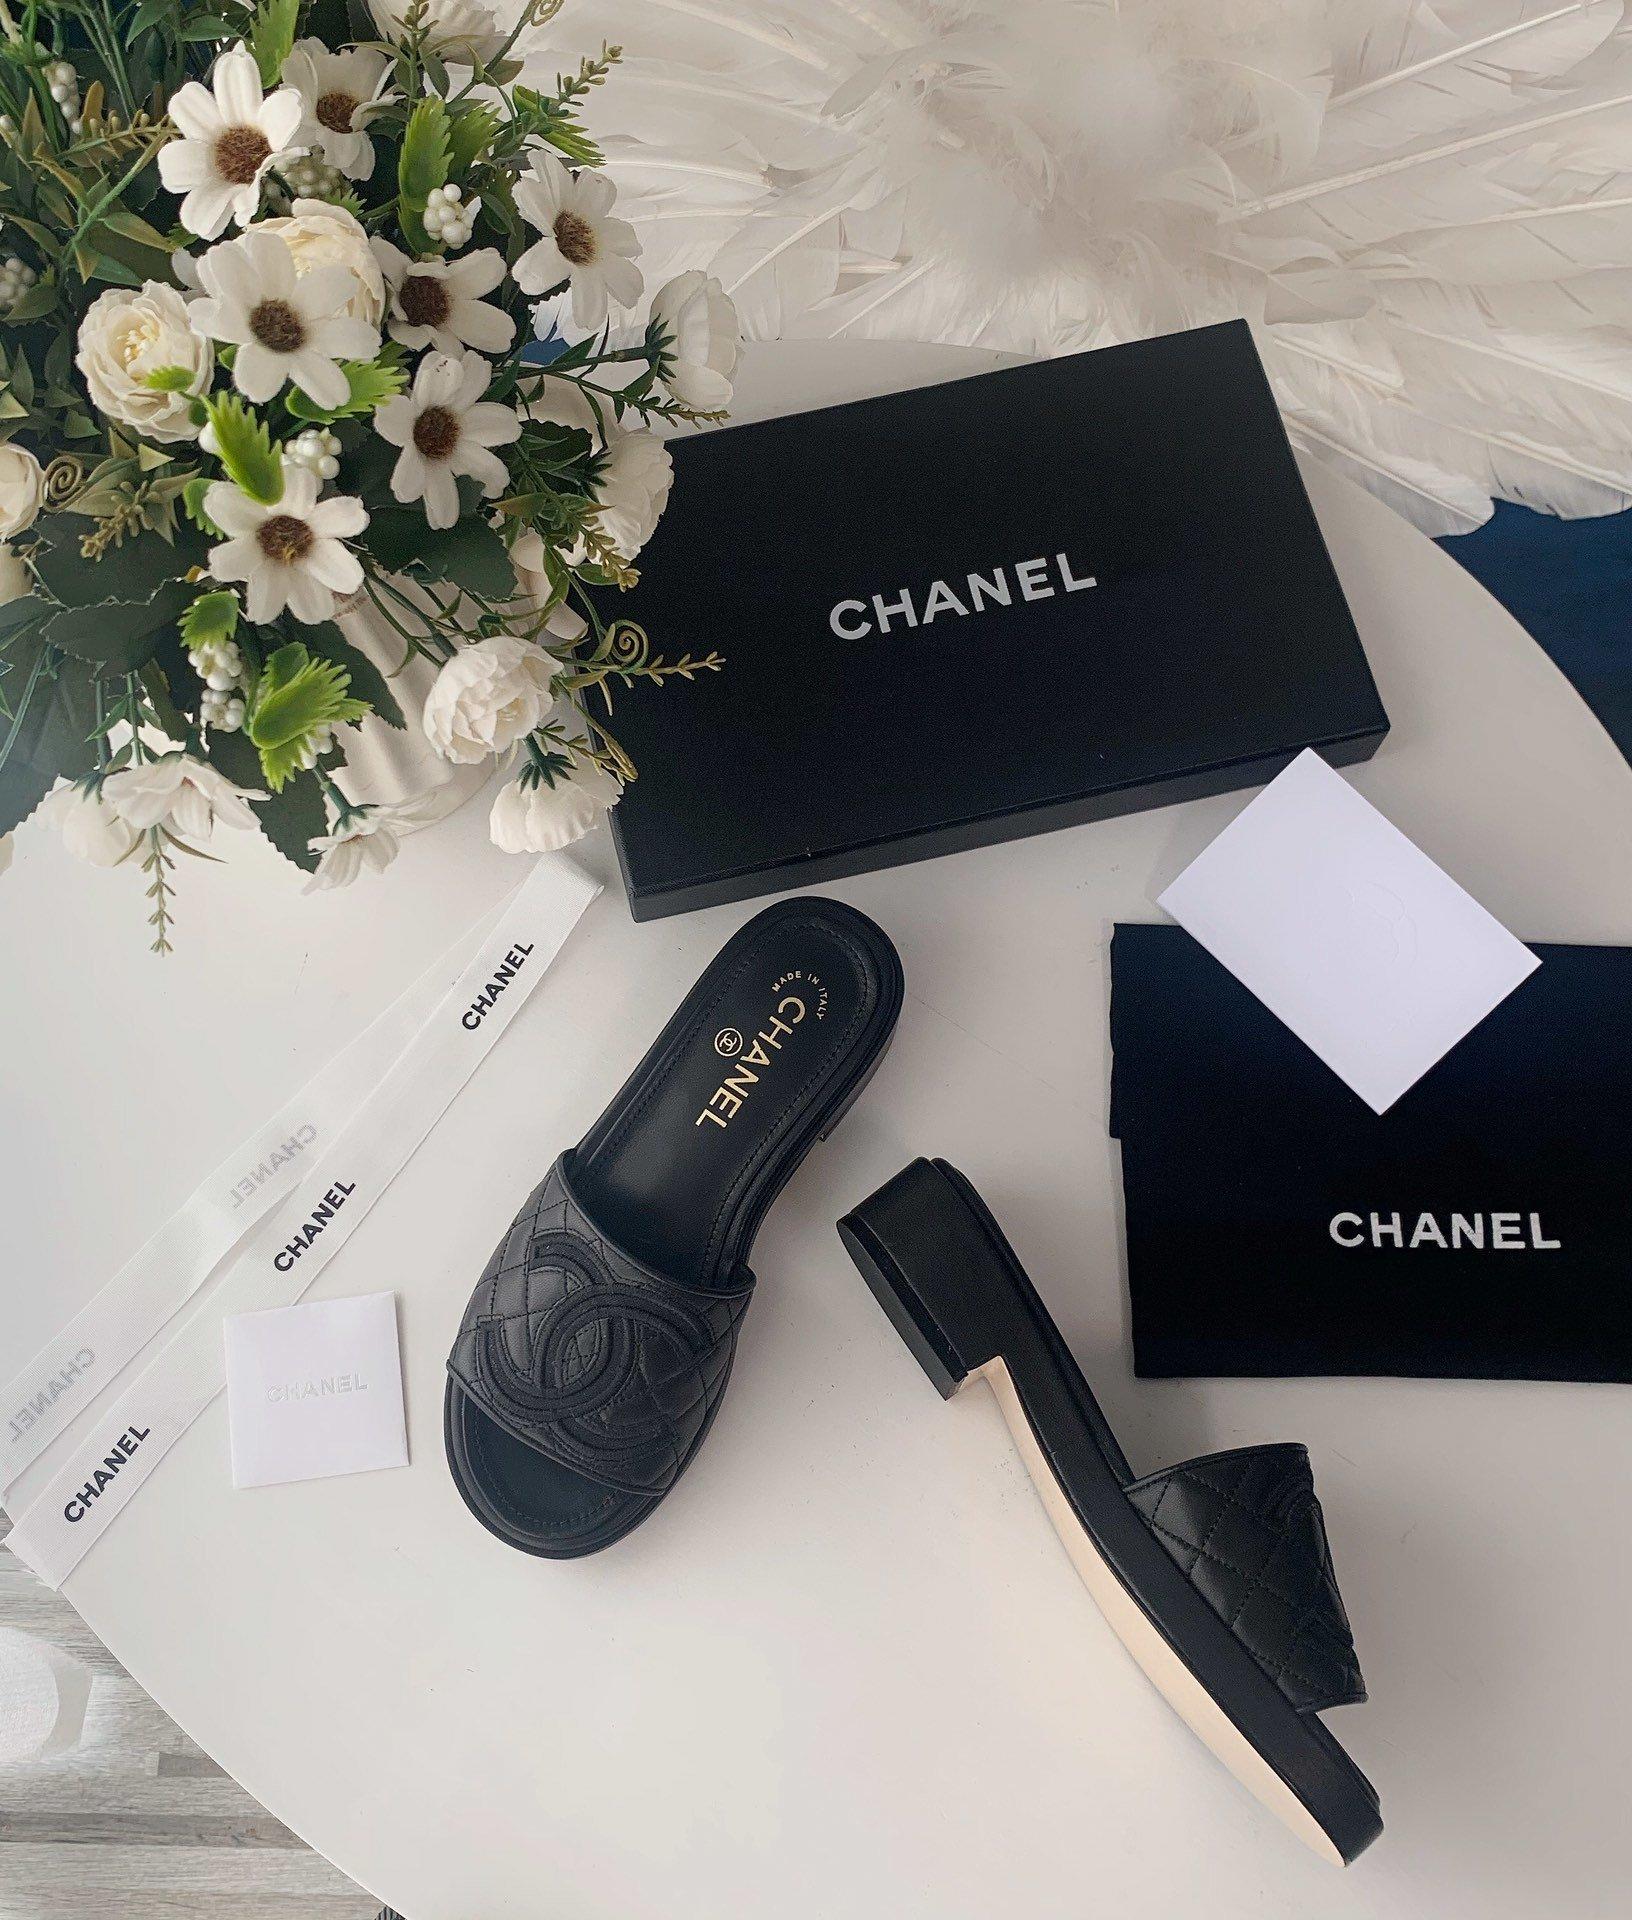 Chanel20春夏全羊皮蜜儿拖鞋菱格刺绣(图2)